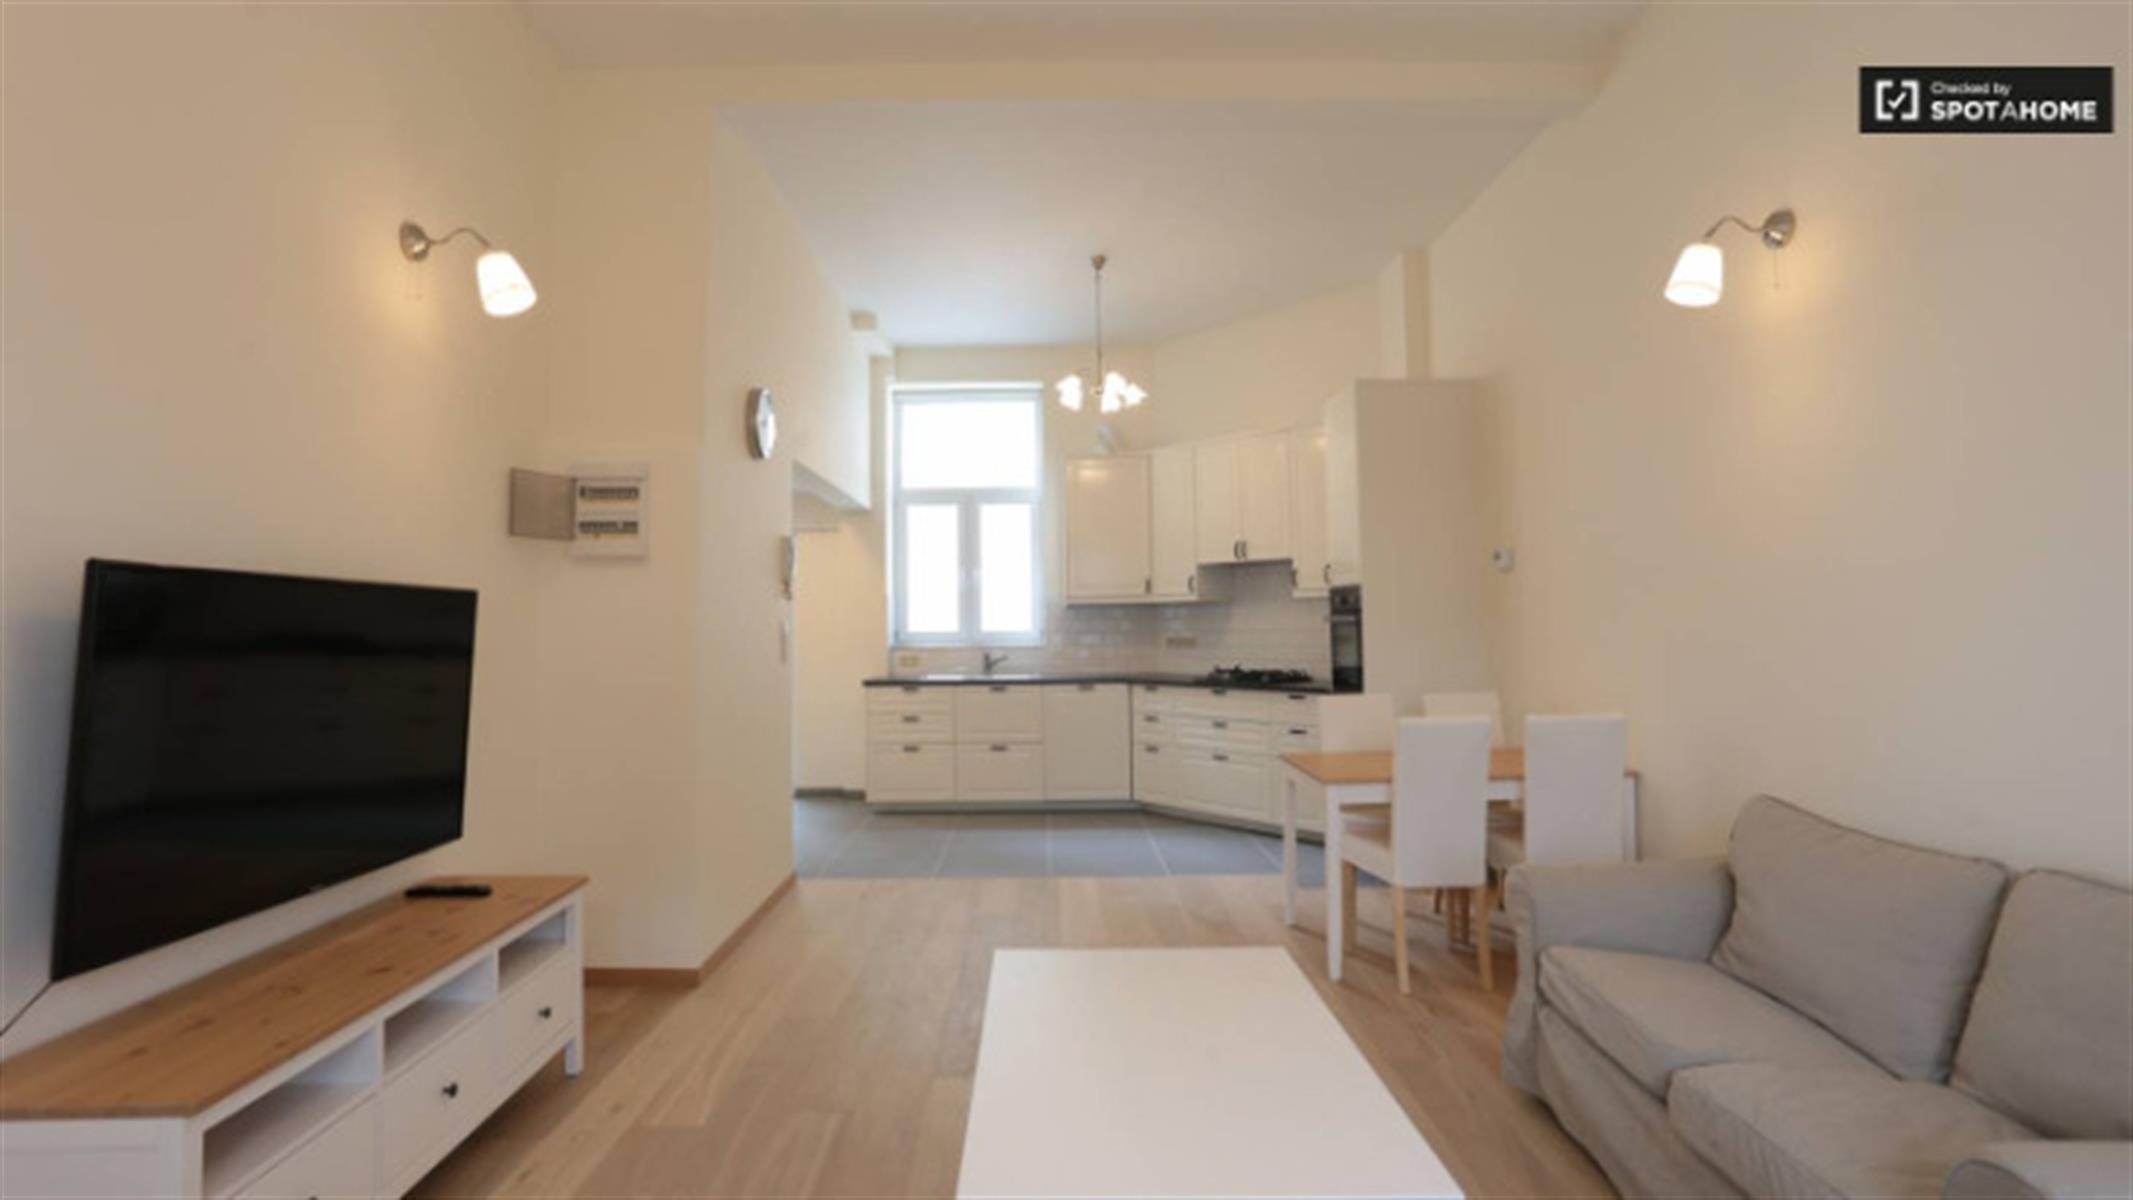 Duplex - Ixelles - #4150164-3